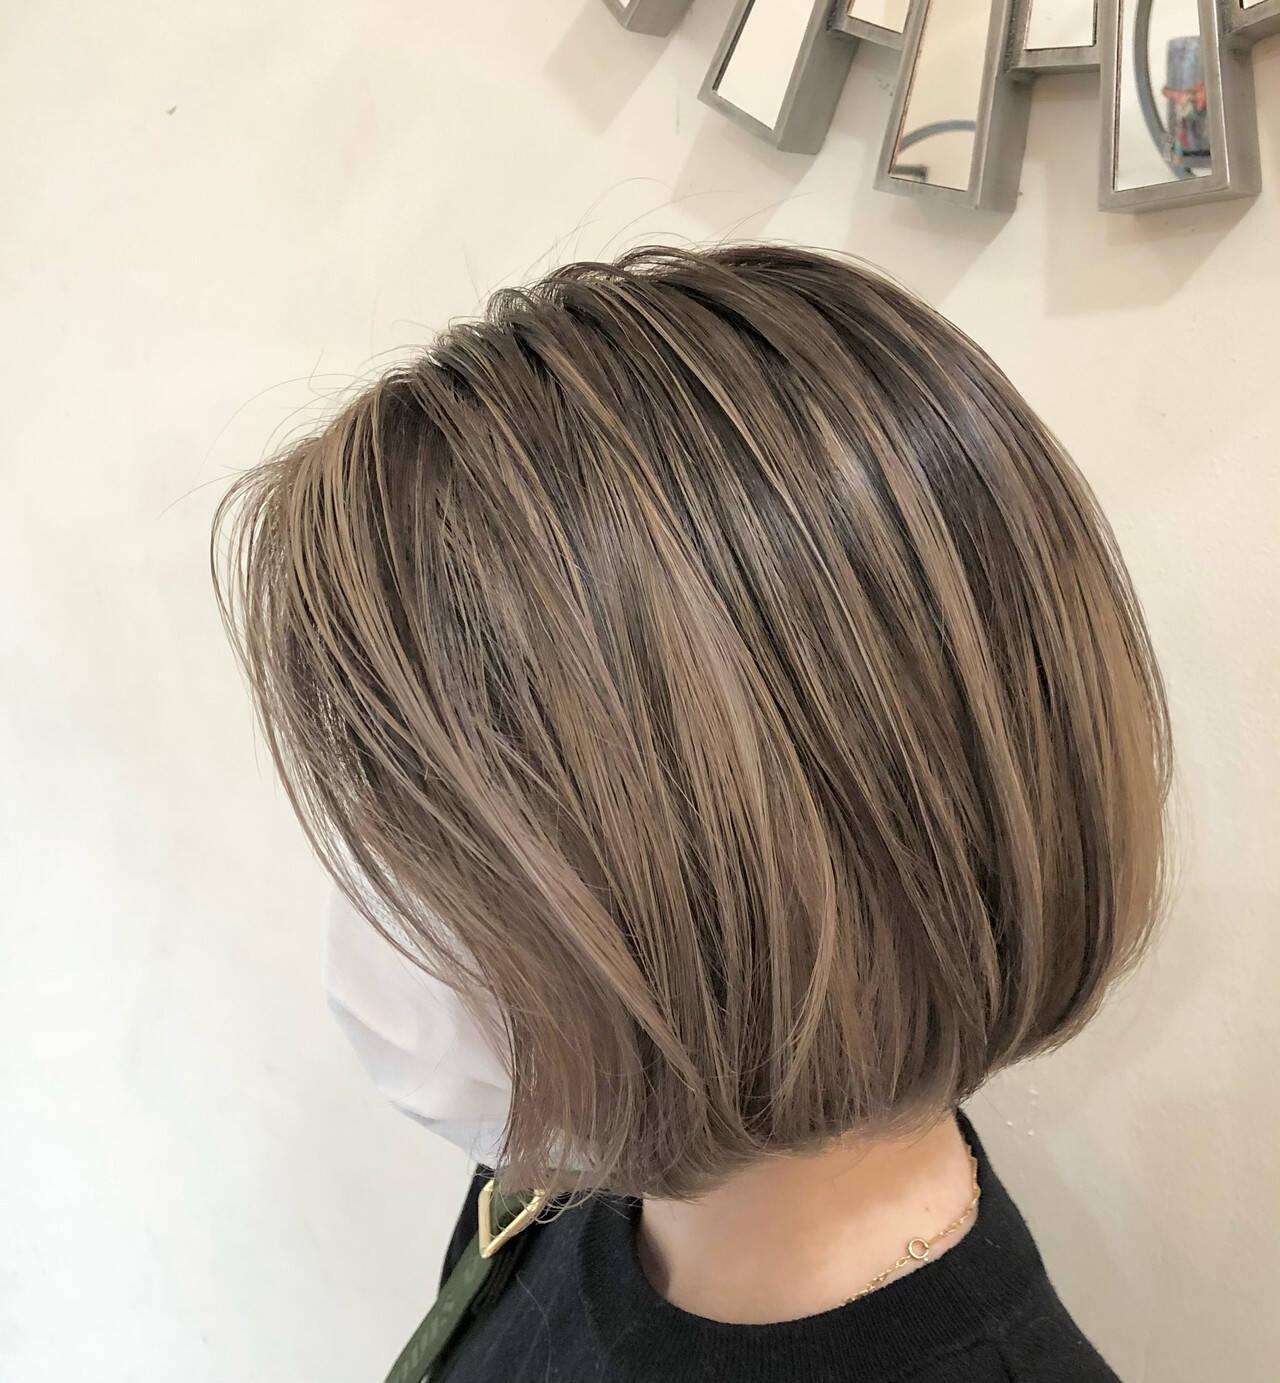 ハイトーンカラー ナチュラル インナーカラー グラデーションカラーヘアスタイルや髪型の写真・画像